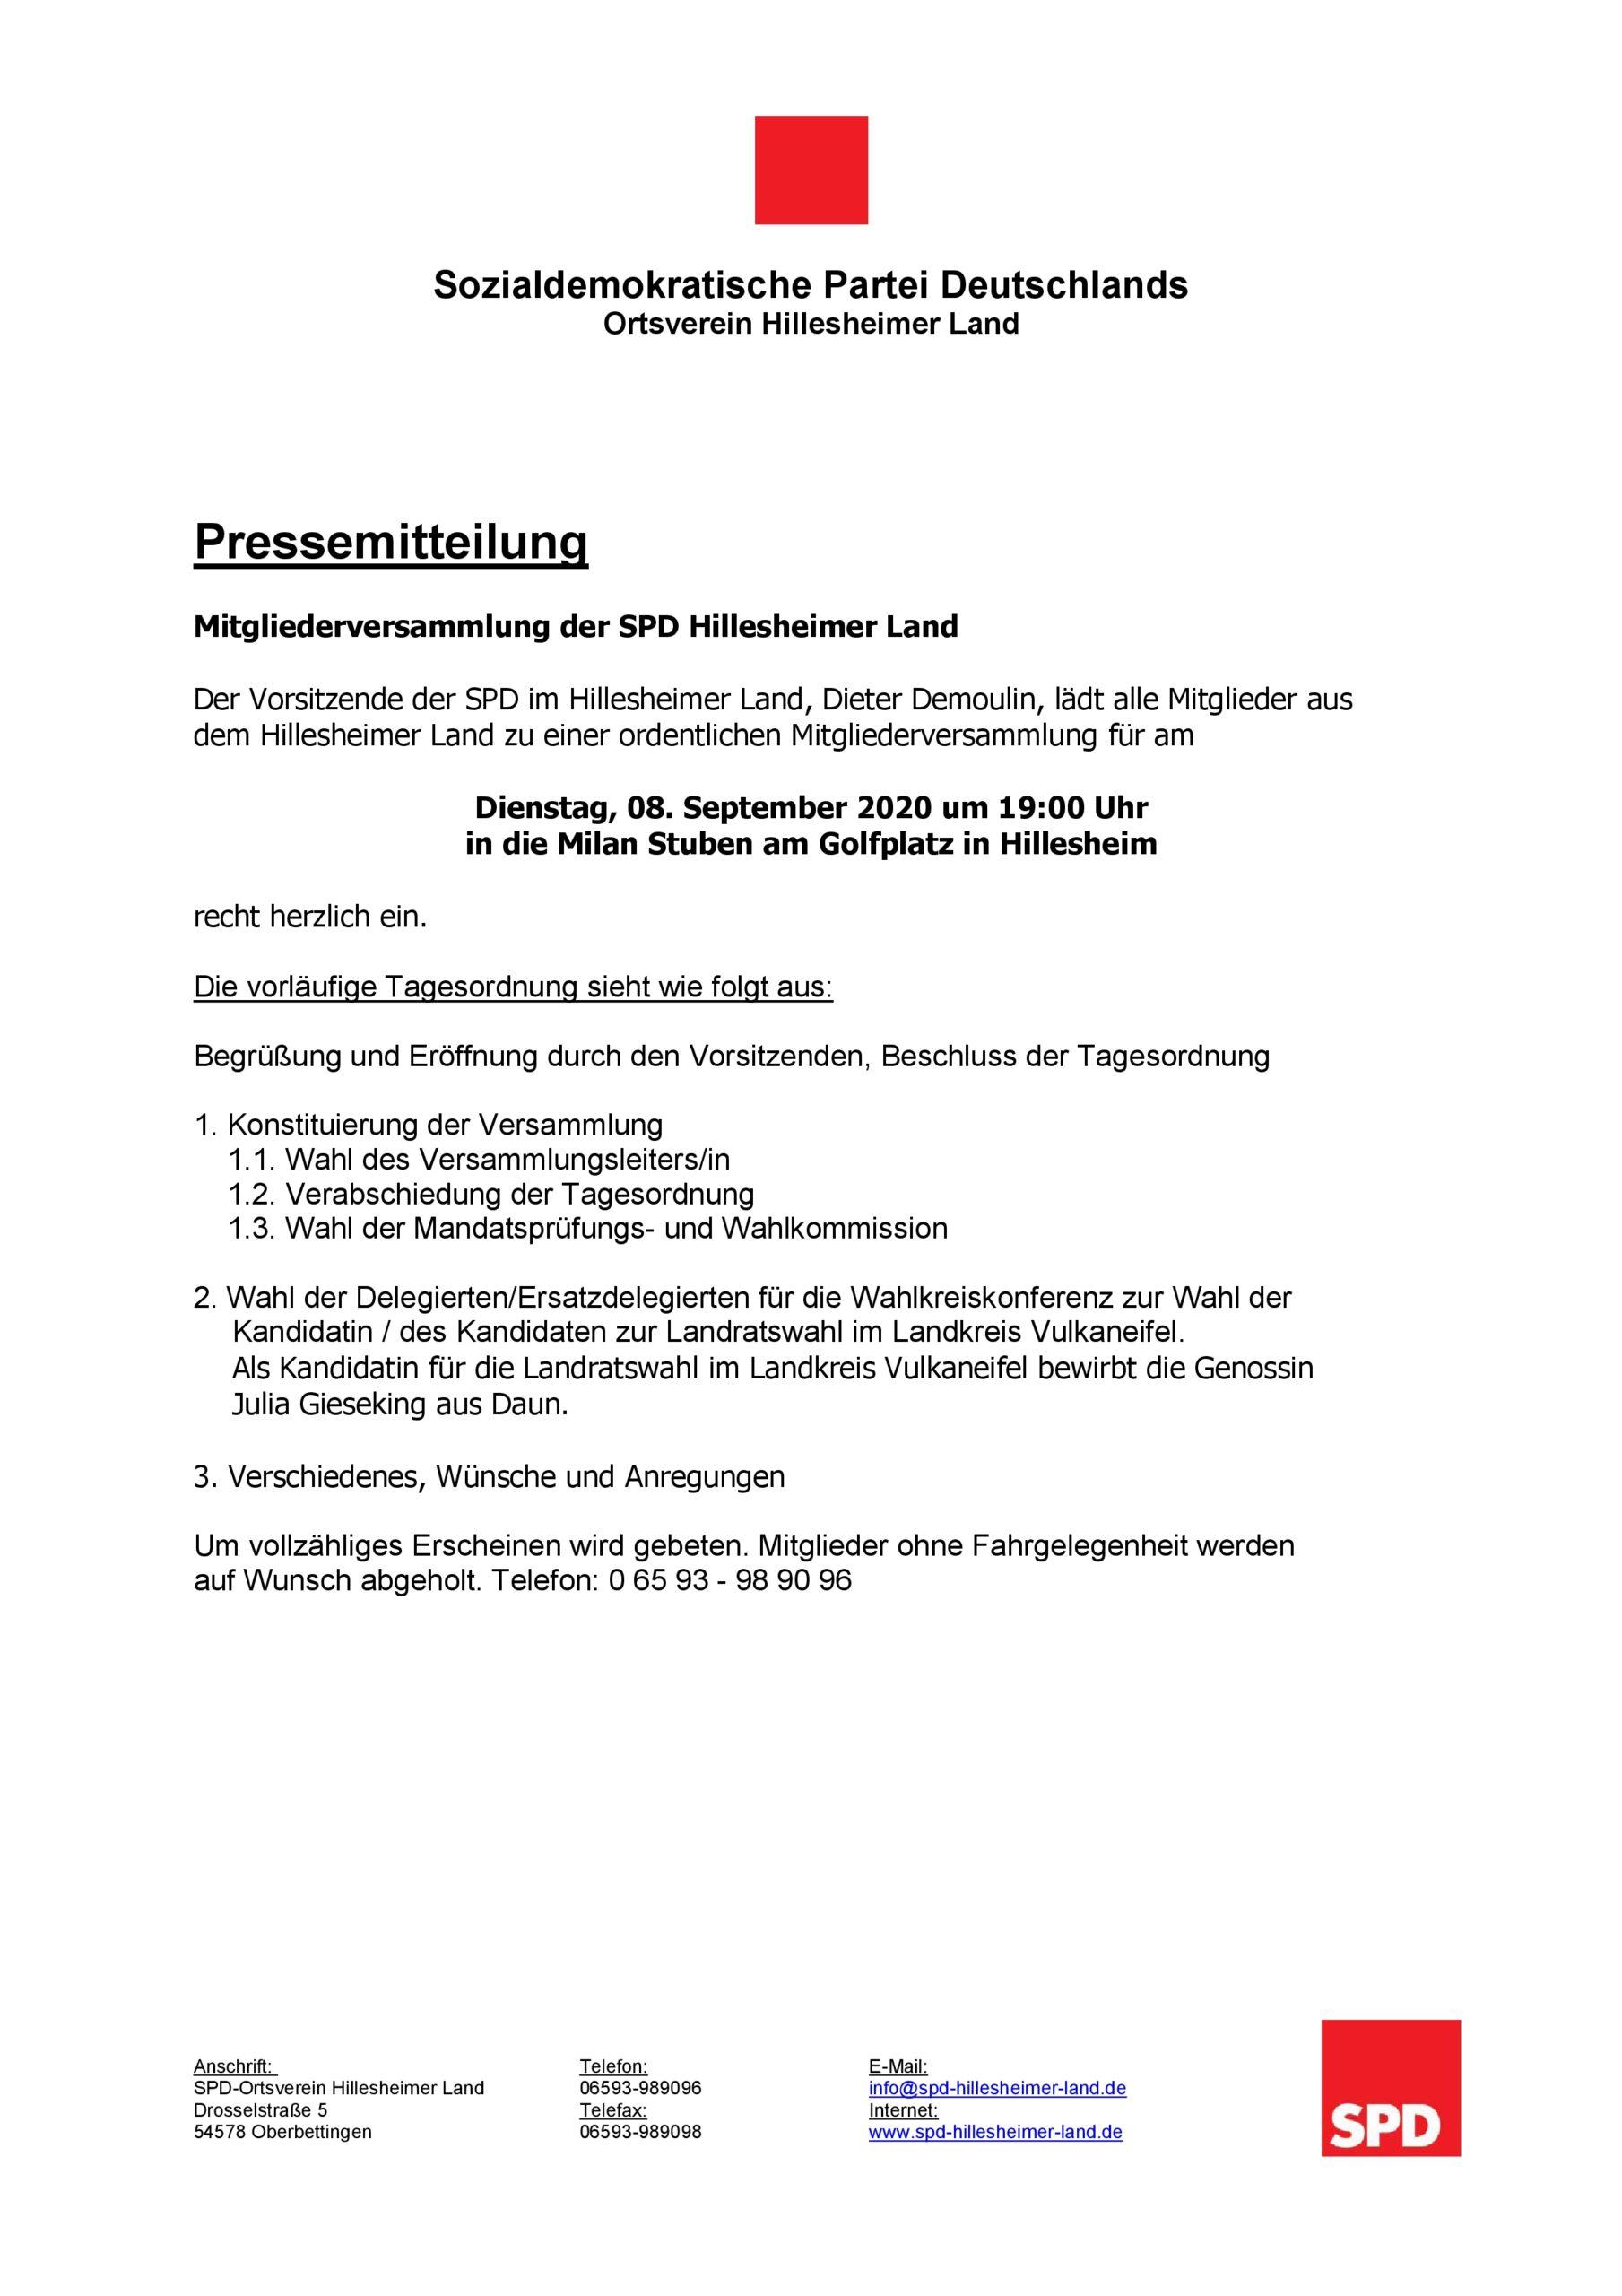 Mitgliederversammlung am 08.09.2020